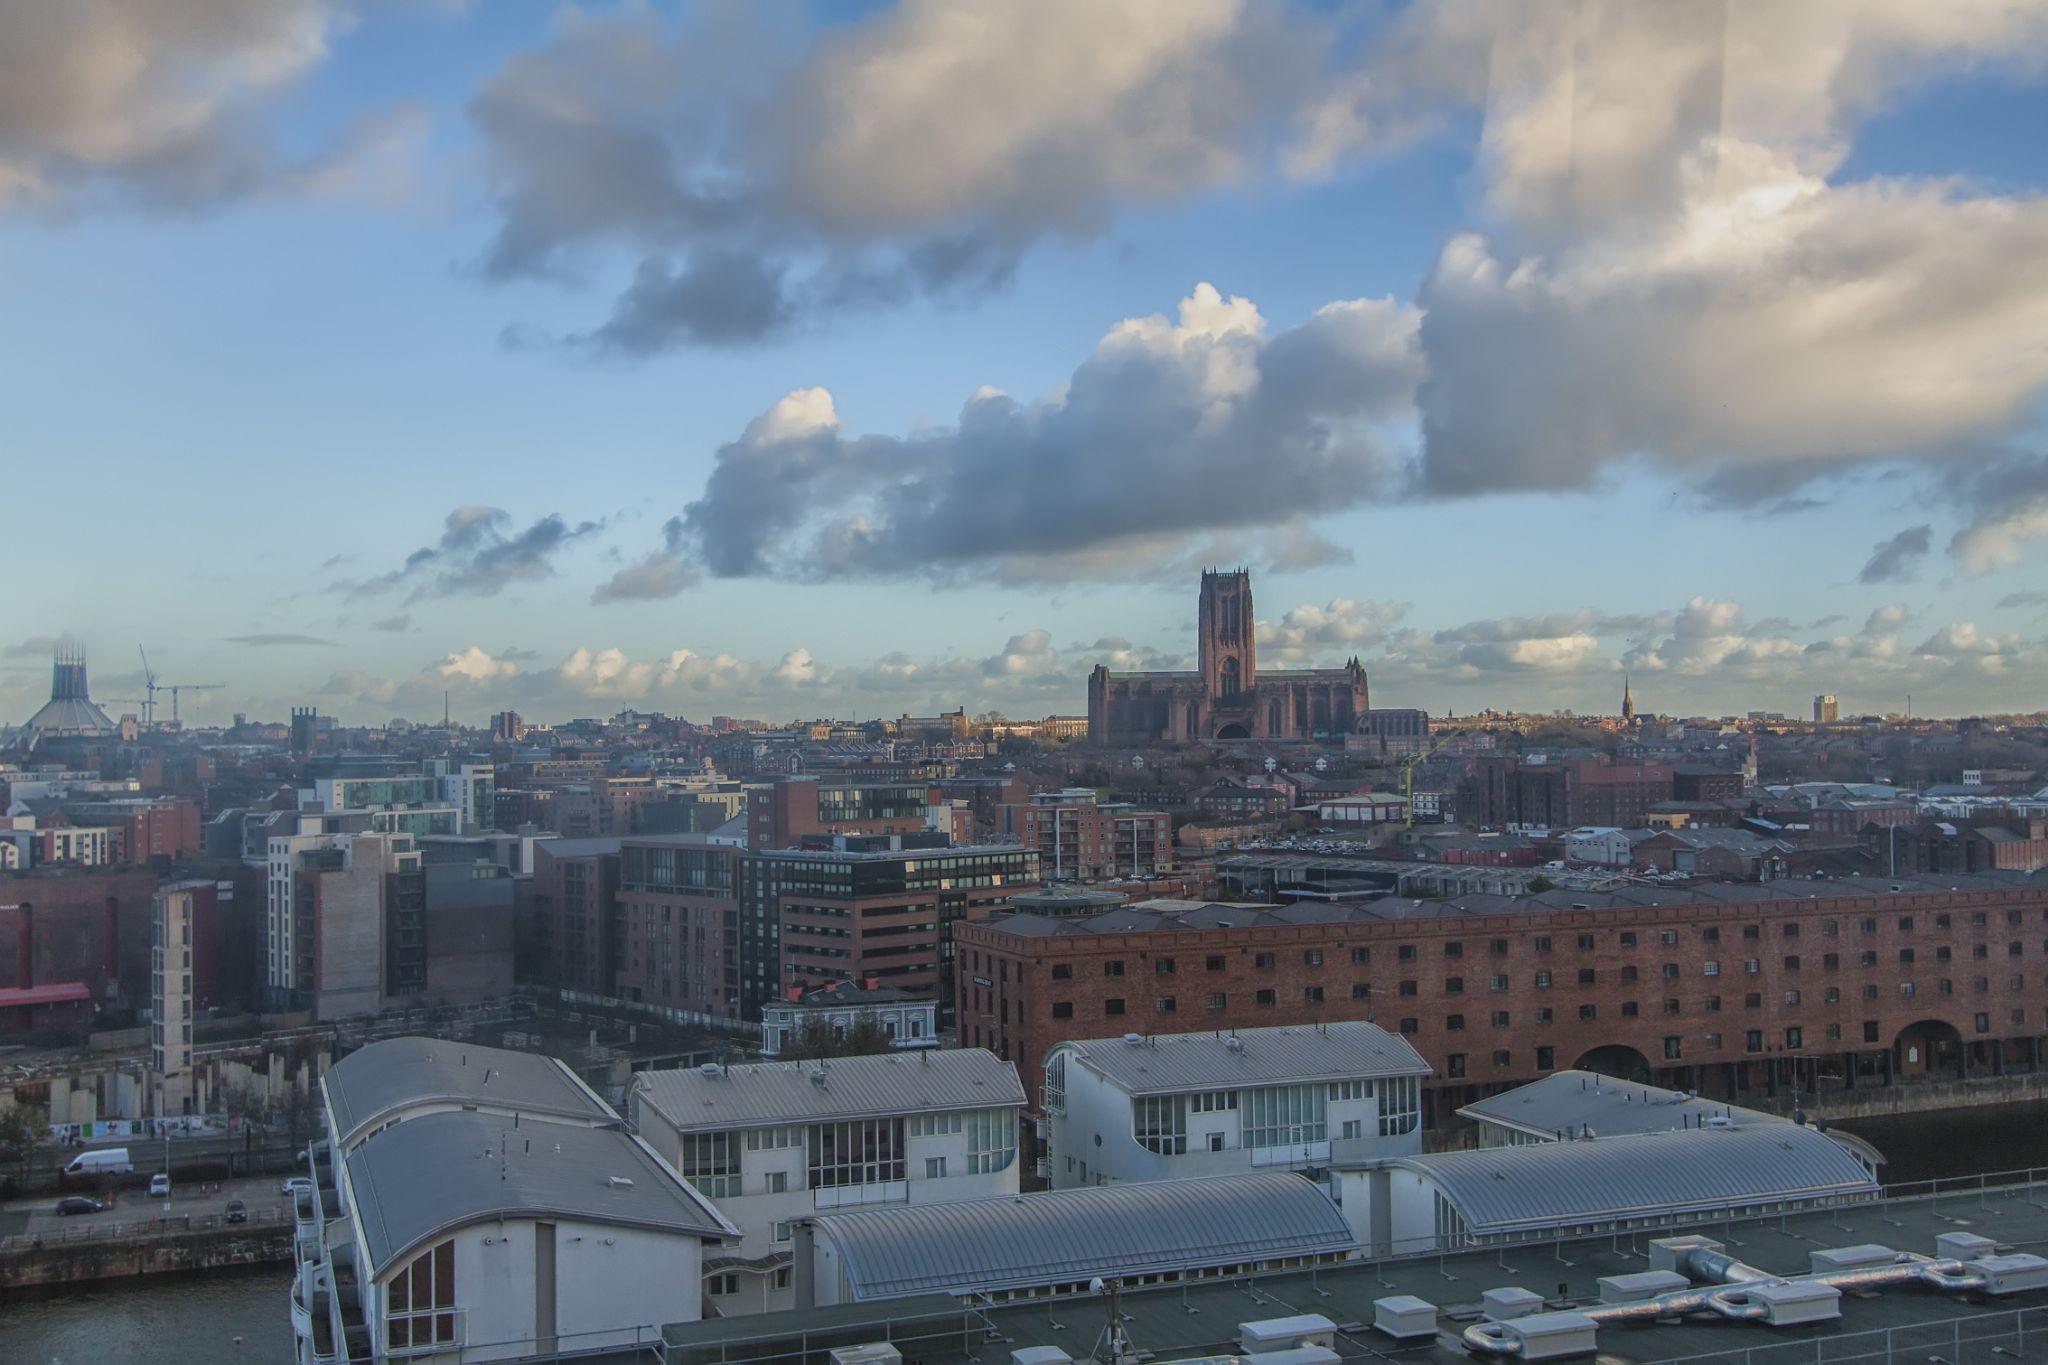 Liverpool, UK by grzegorzbuchaczart